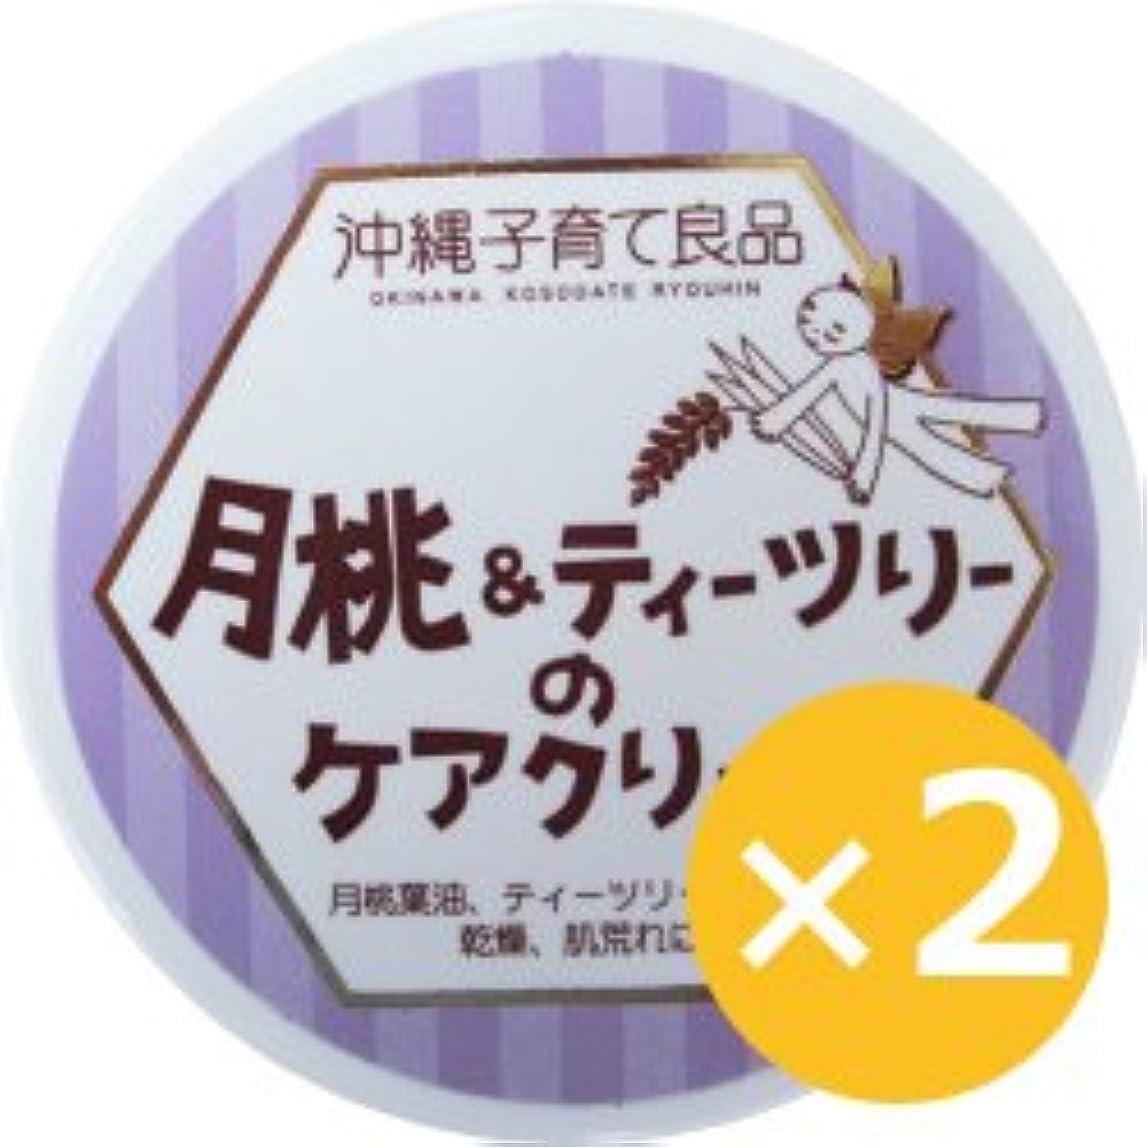 細い特定の蒸発する月桃&ティーツリークリーム 25g×2